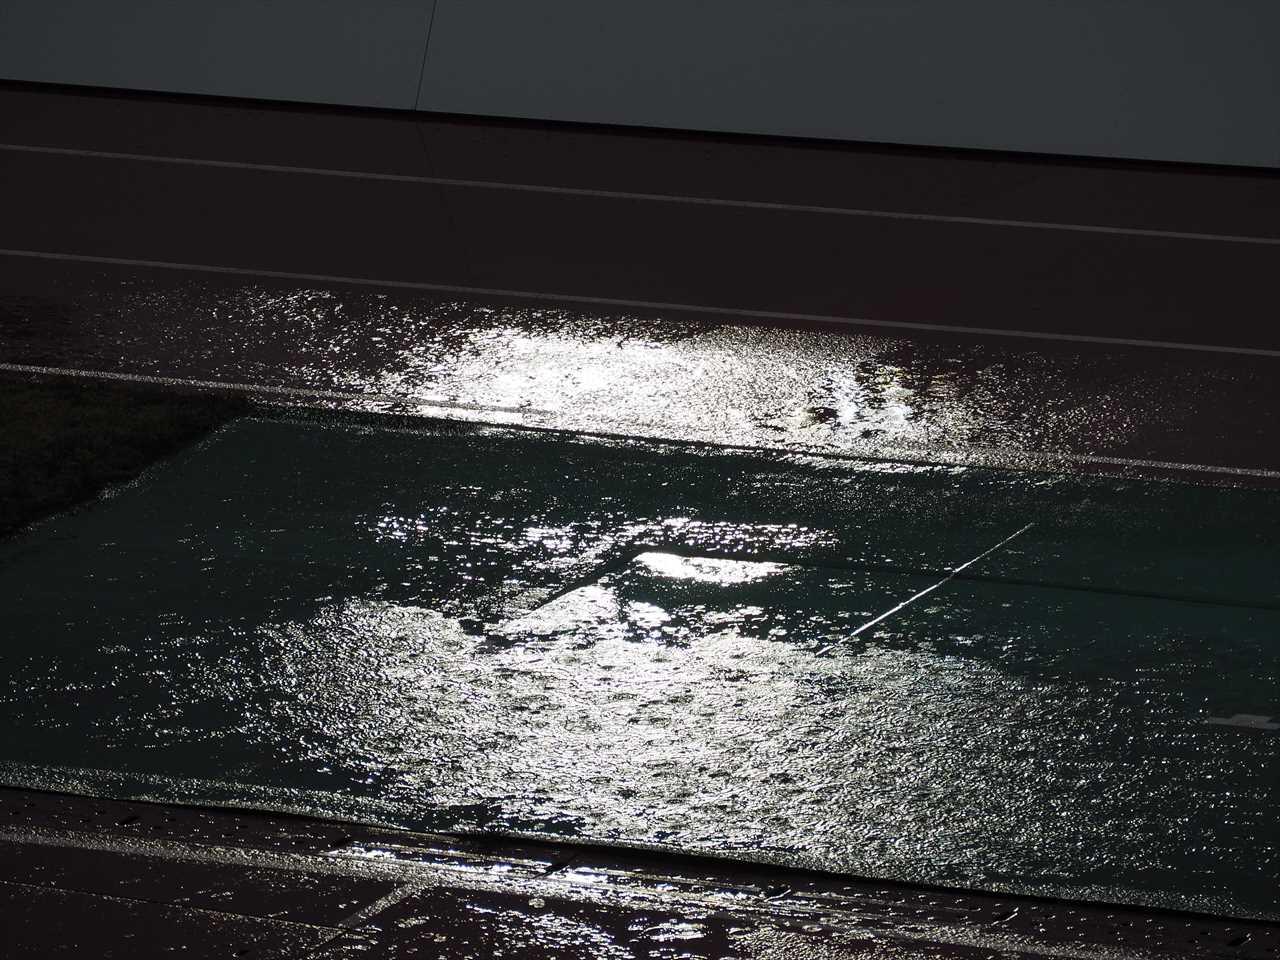 雨天 四国ダービー2019 2019年4月14日 徳島ヴォルティス 愛媛FC